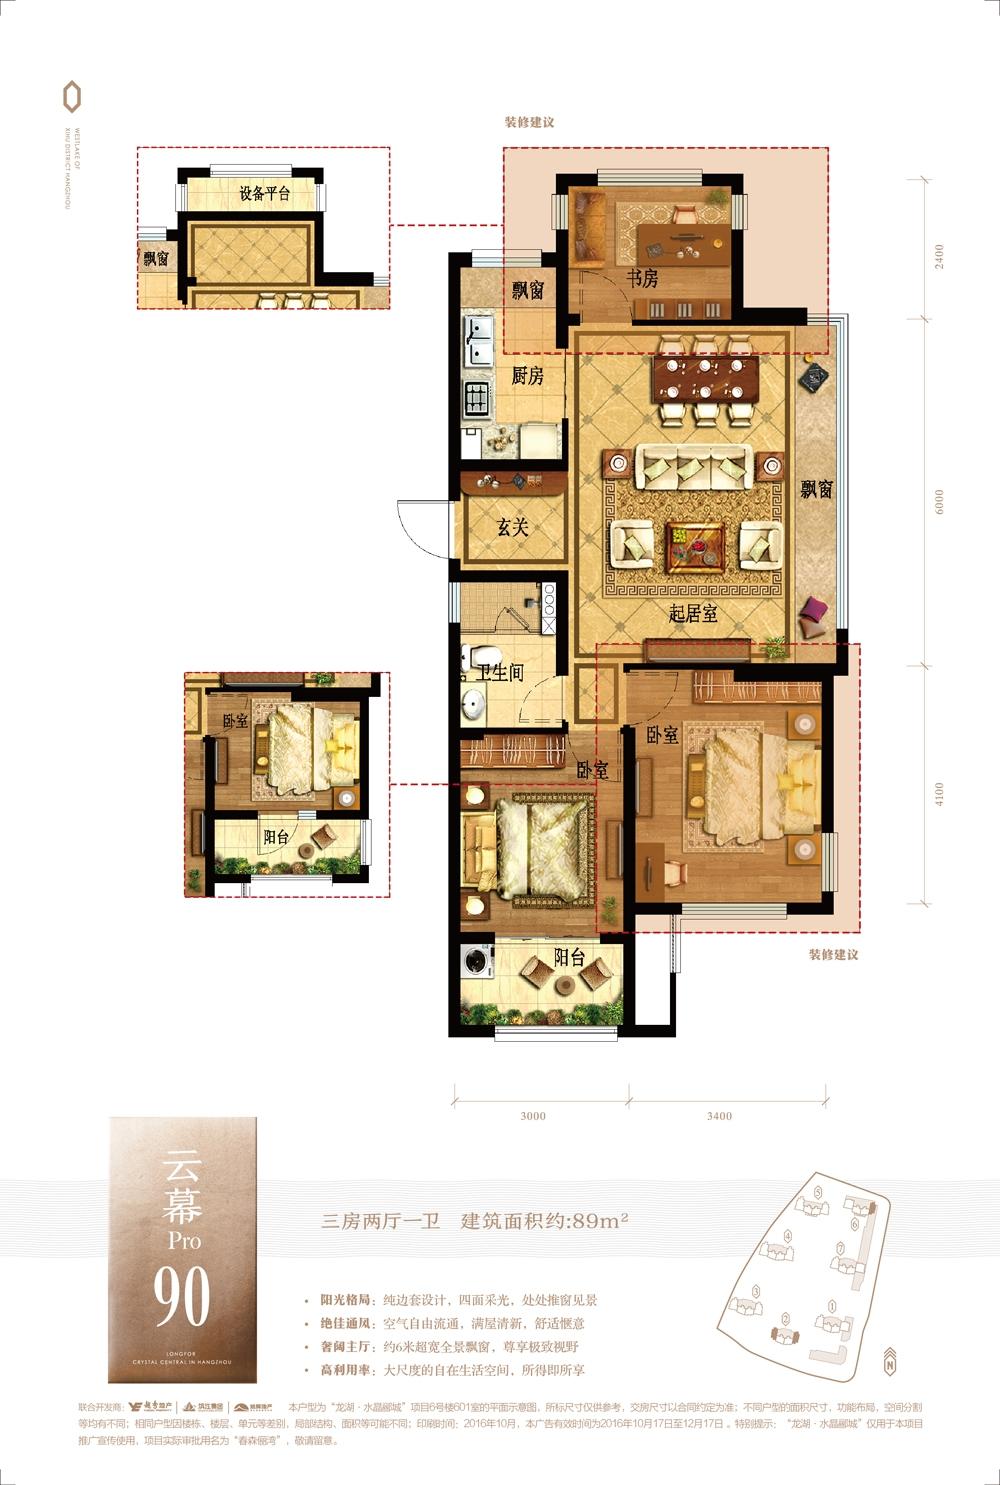 龙湖水晶郦城2、6号楼90方户型图